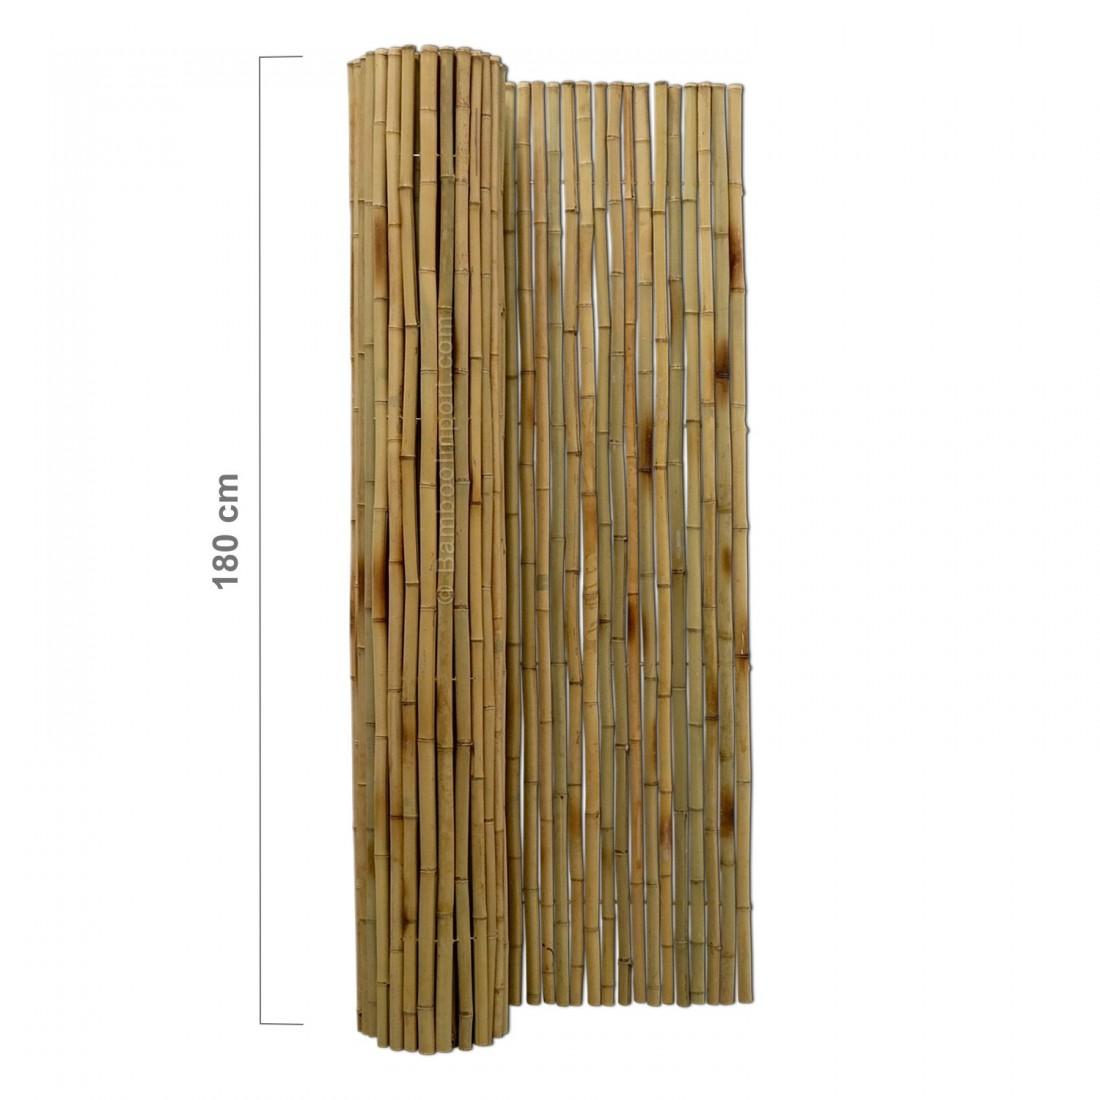 Bambus Hegn Rulle 180 X 180 Cm Bambus Produkter